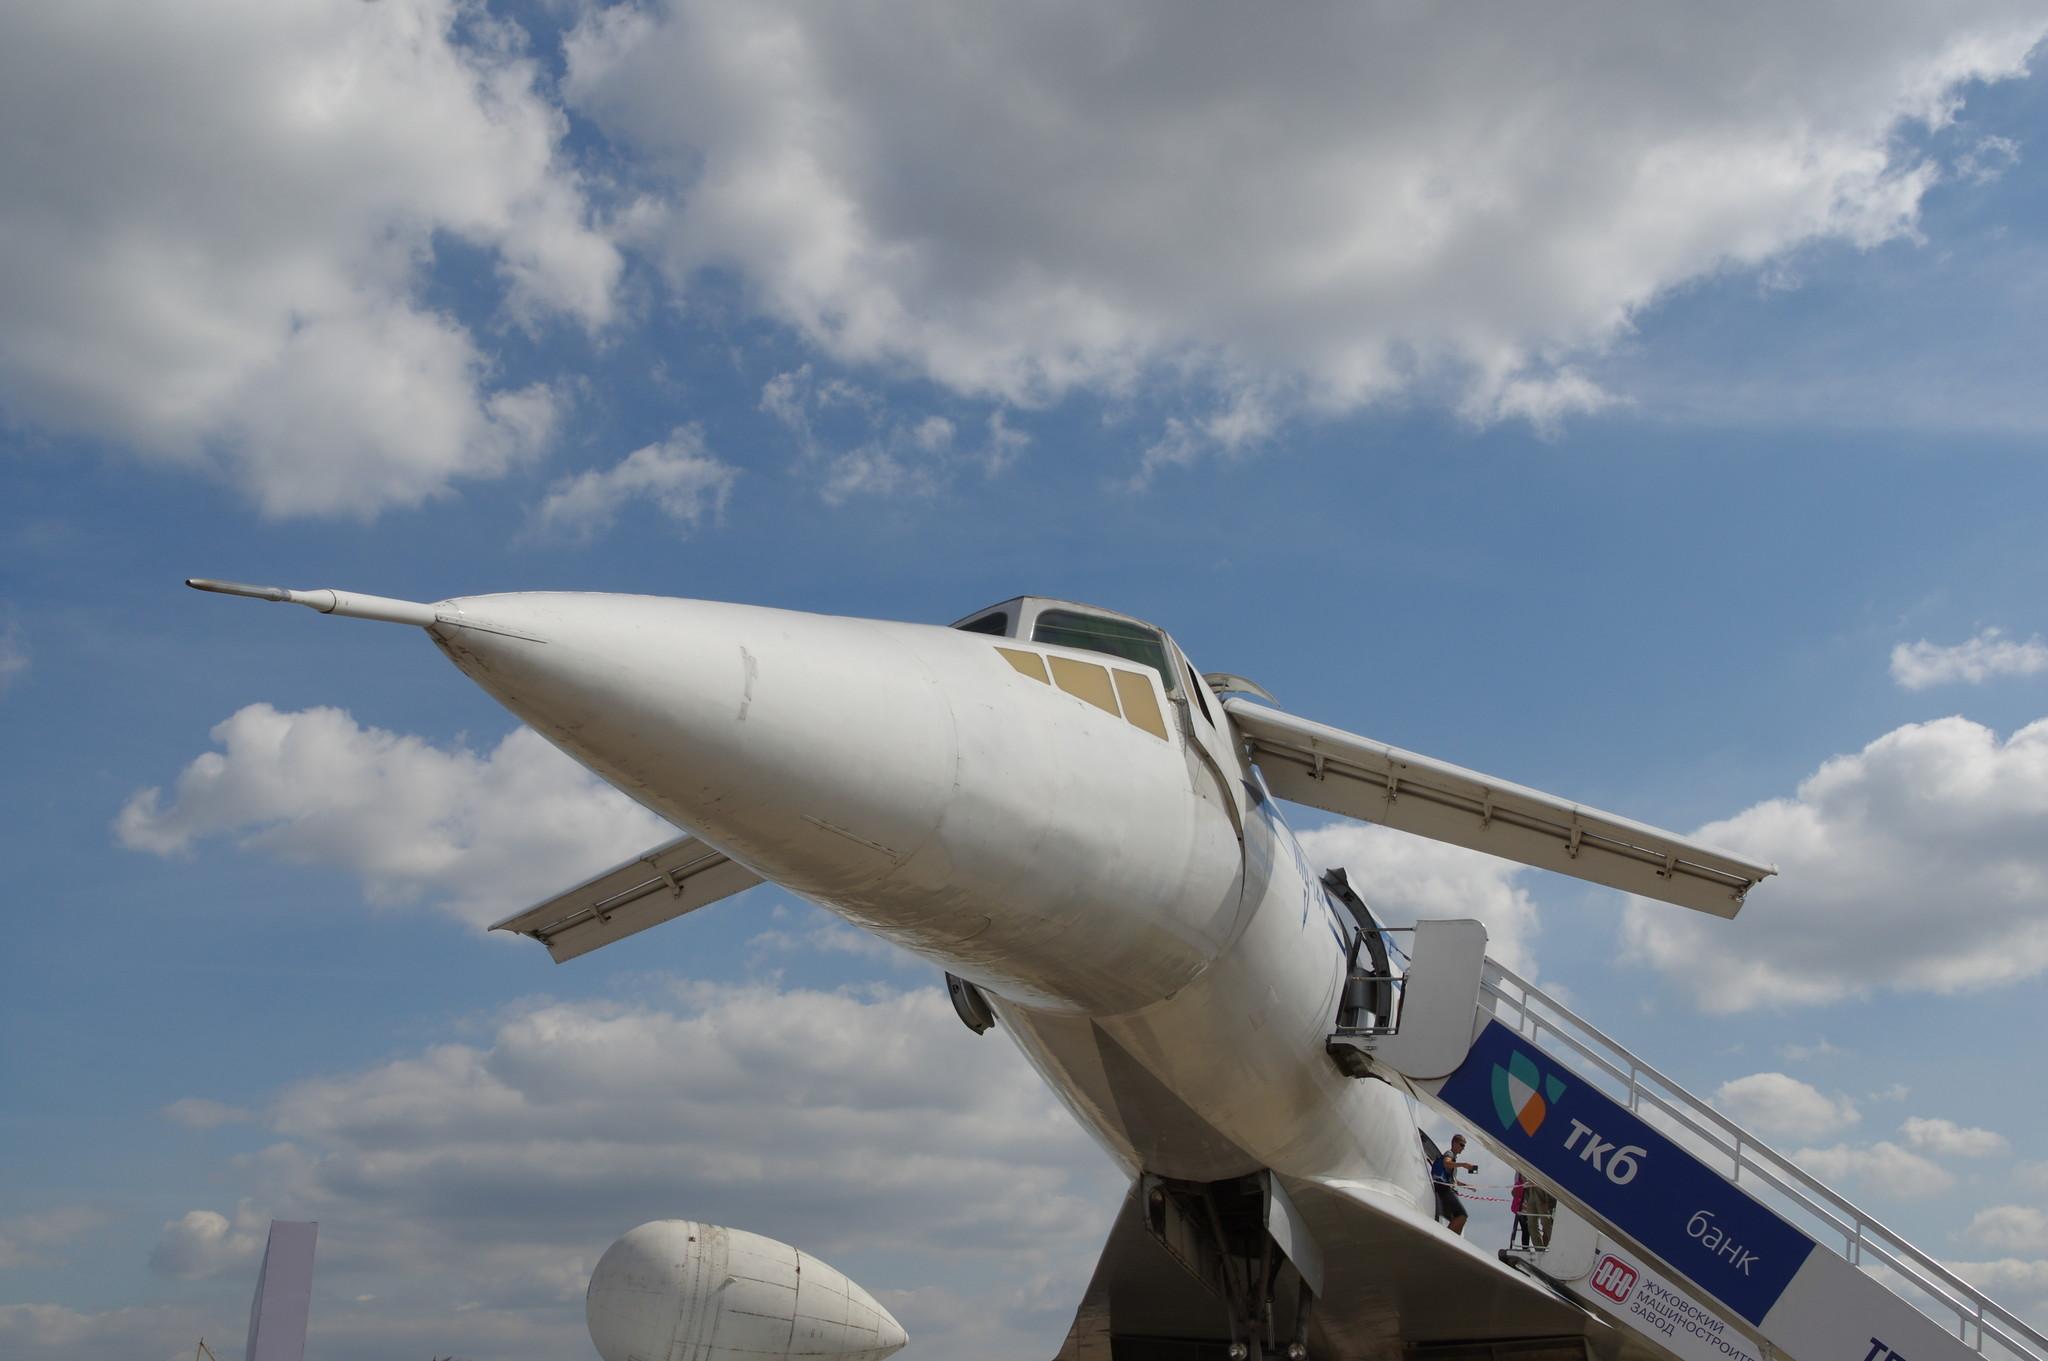 31 декабря 1968 года первый в мире сверхзвуковой пассажирский самолёт Ту-144 совершил свой первый полёт